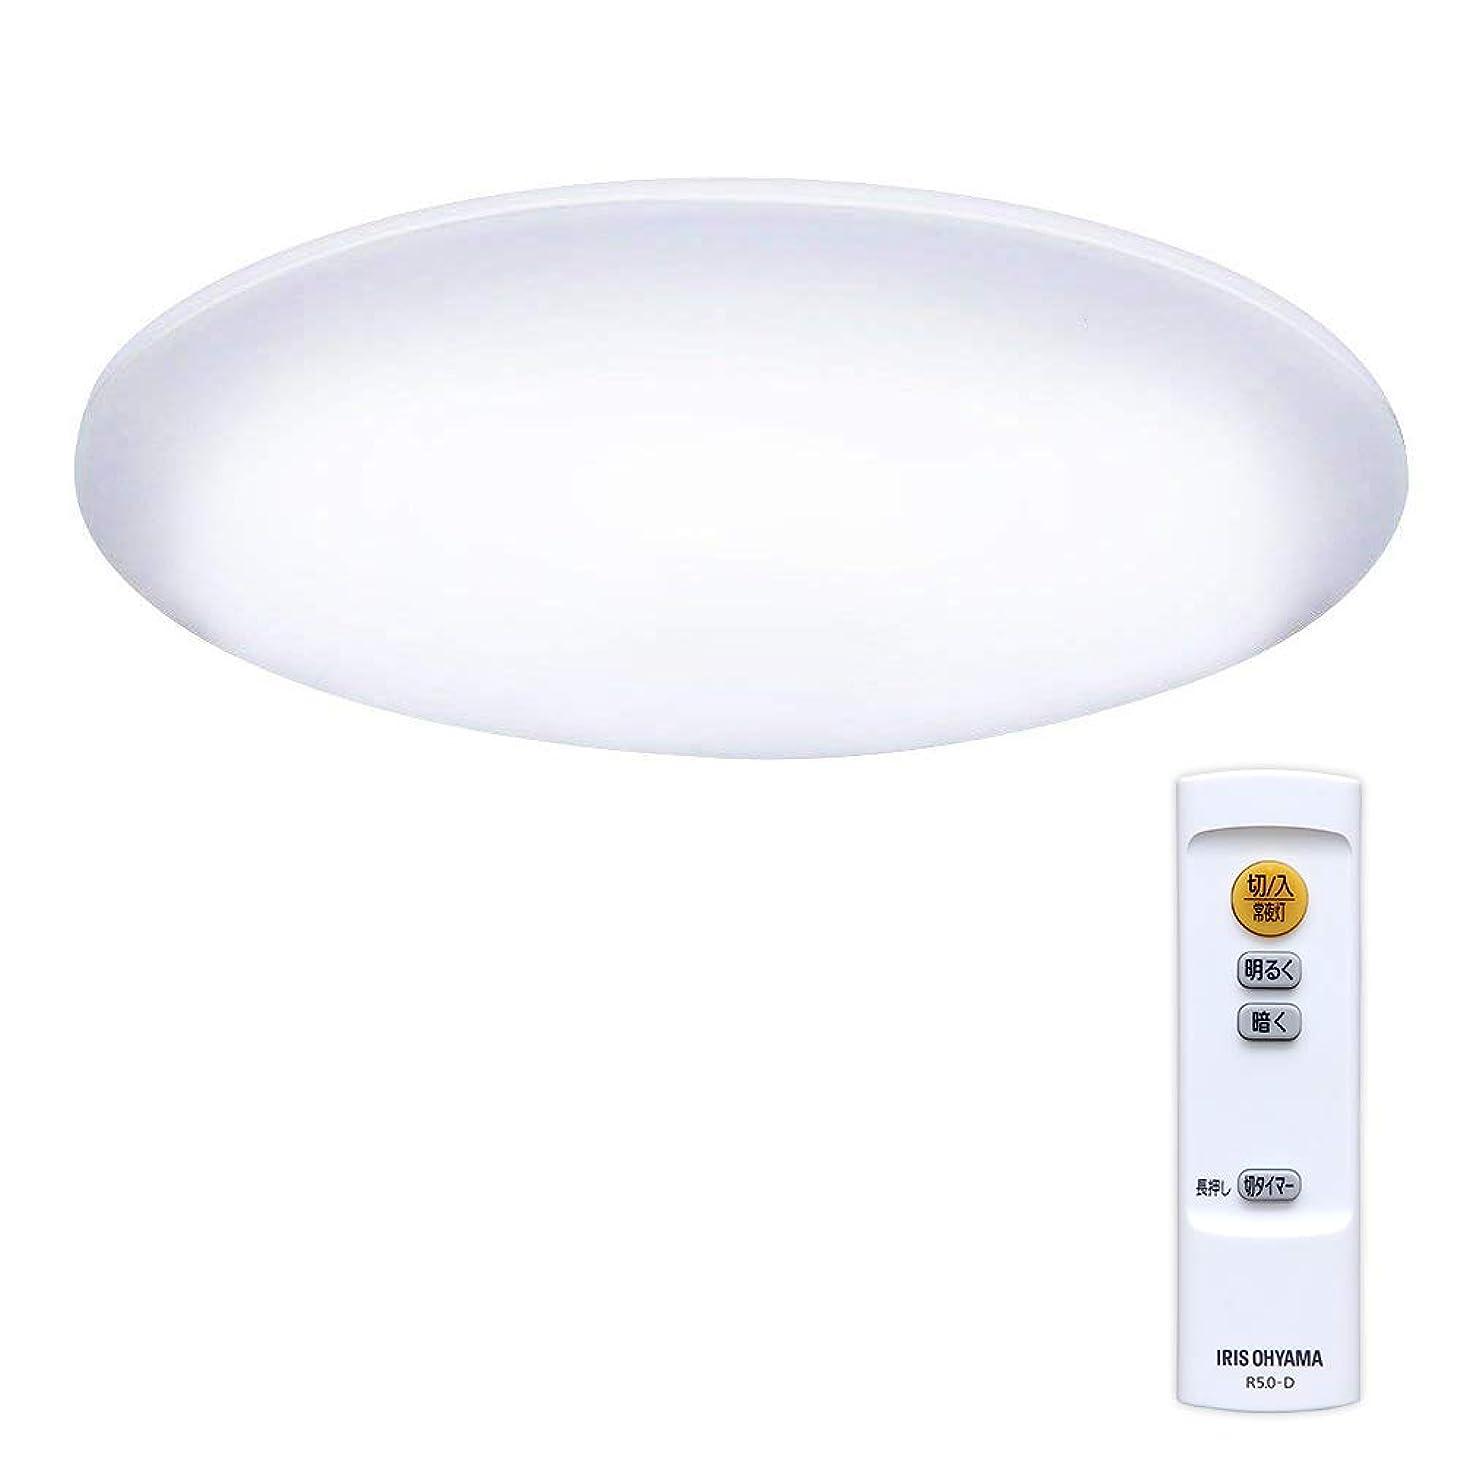 会話かる一般的に言えばアイリスオーヤマ LED シーリングライト 調光タイプ ~6畳 CL6D-5.0